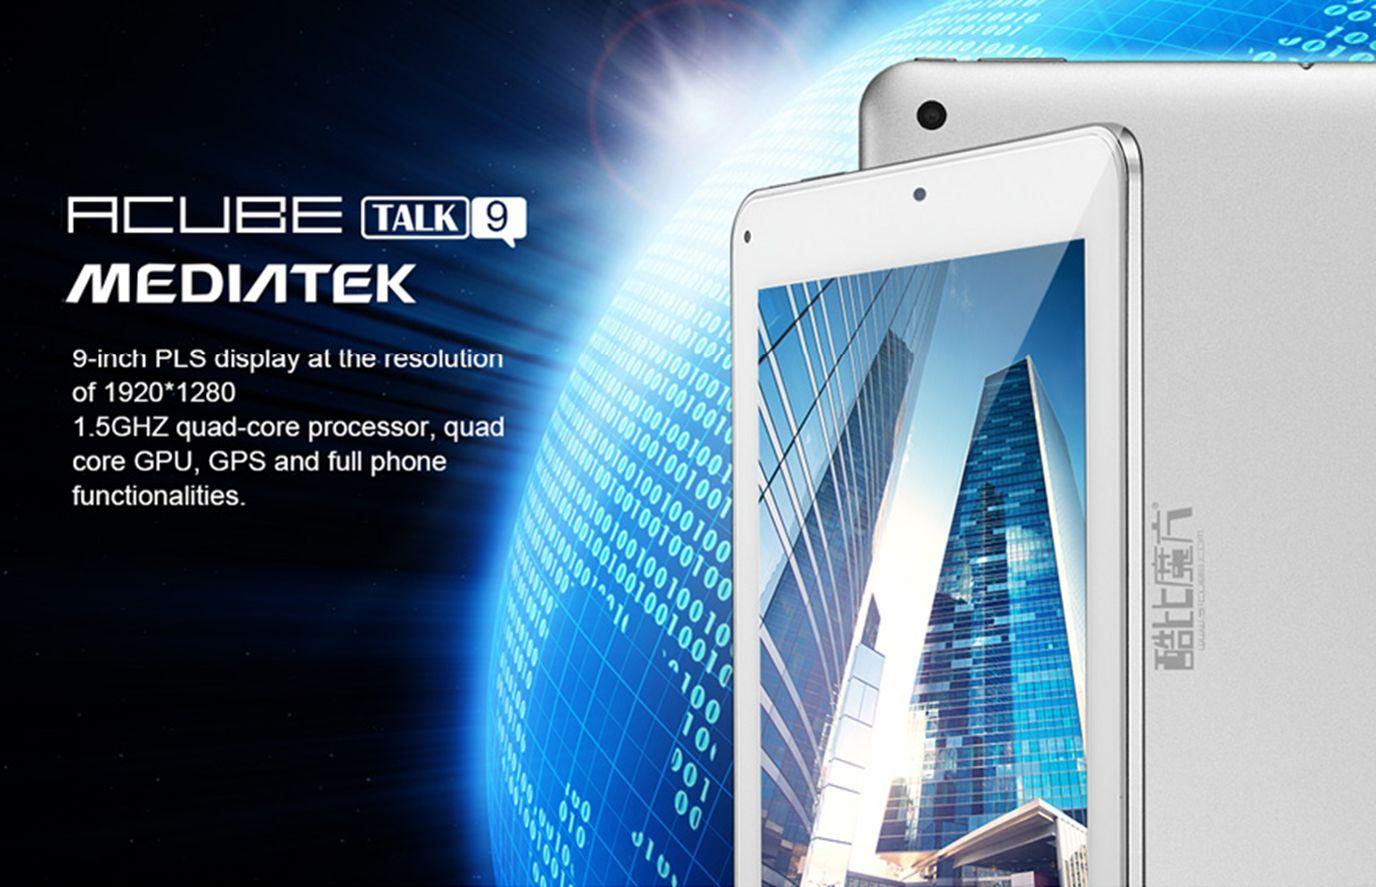 Cube Talk9